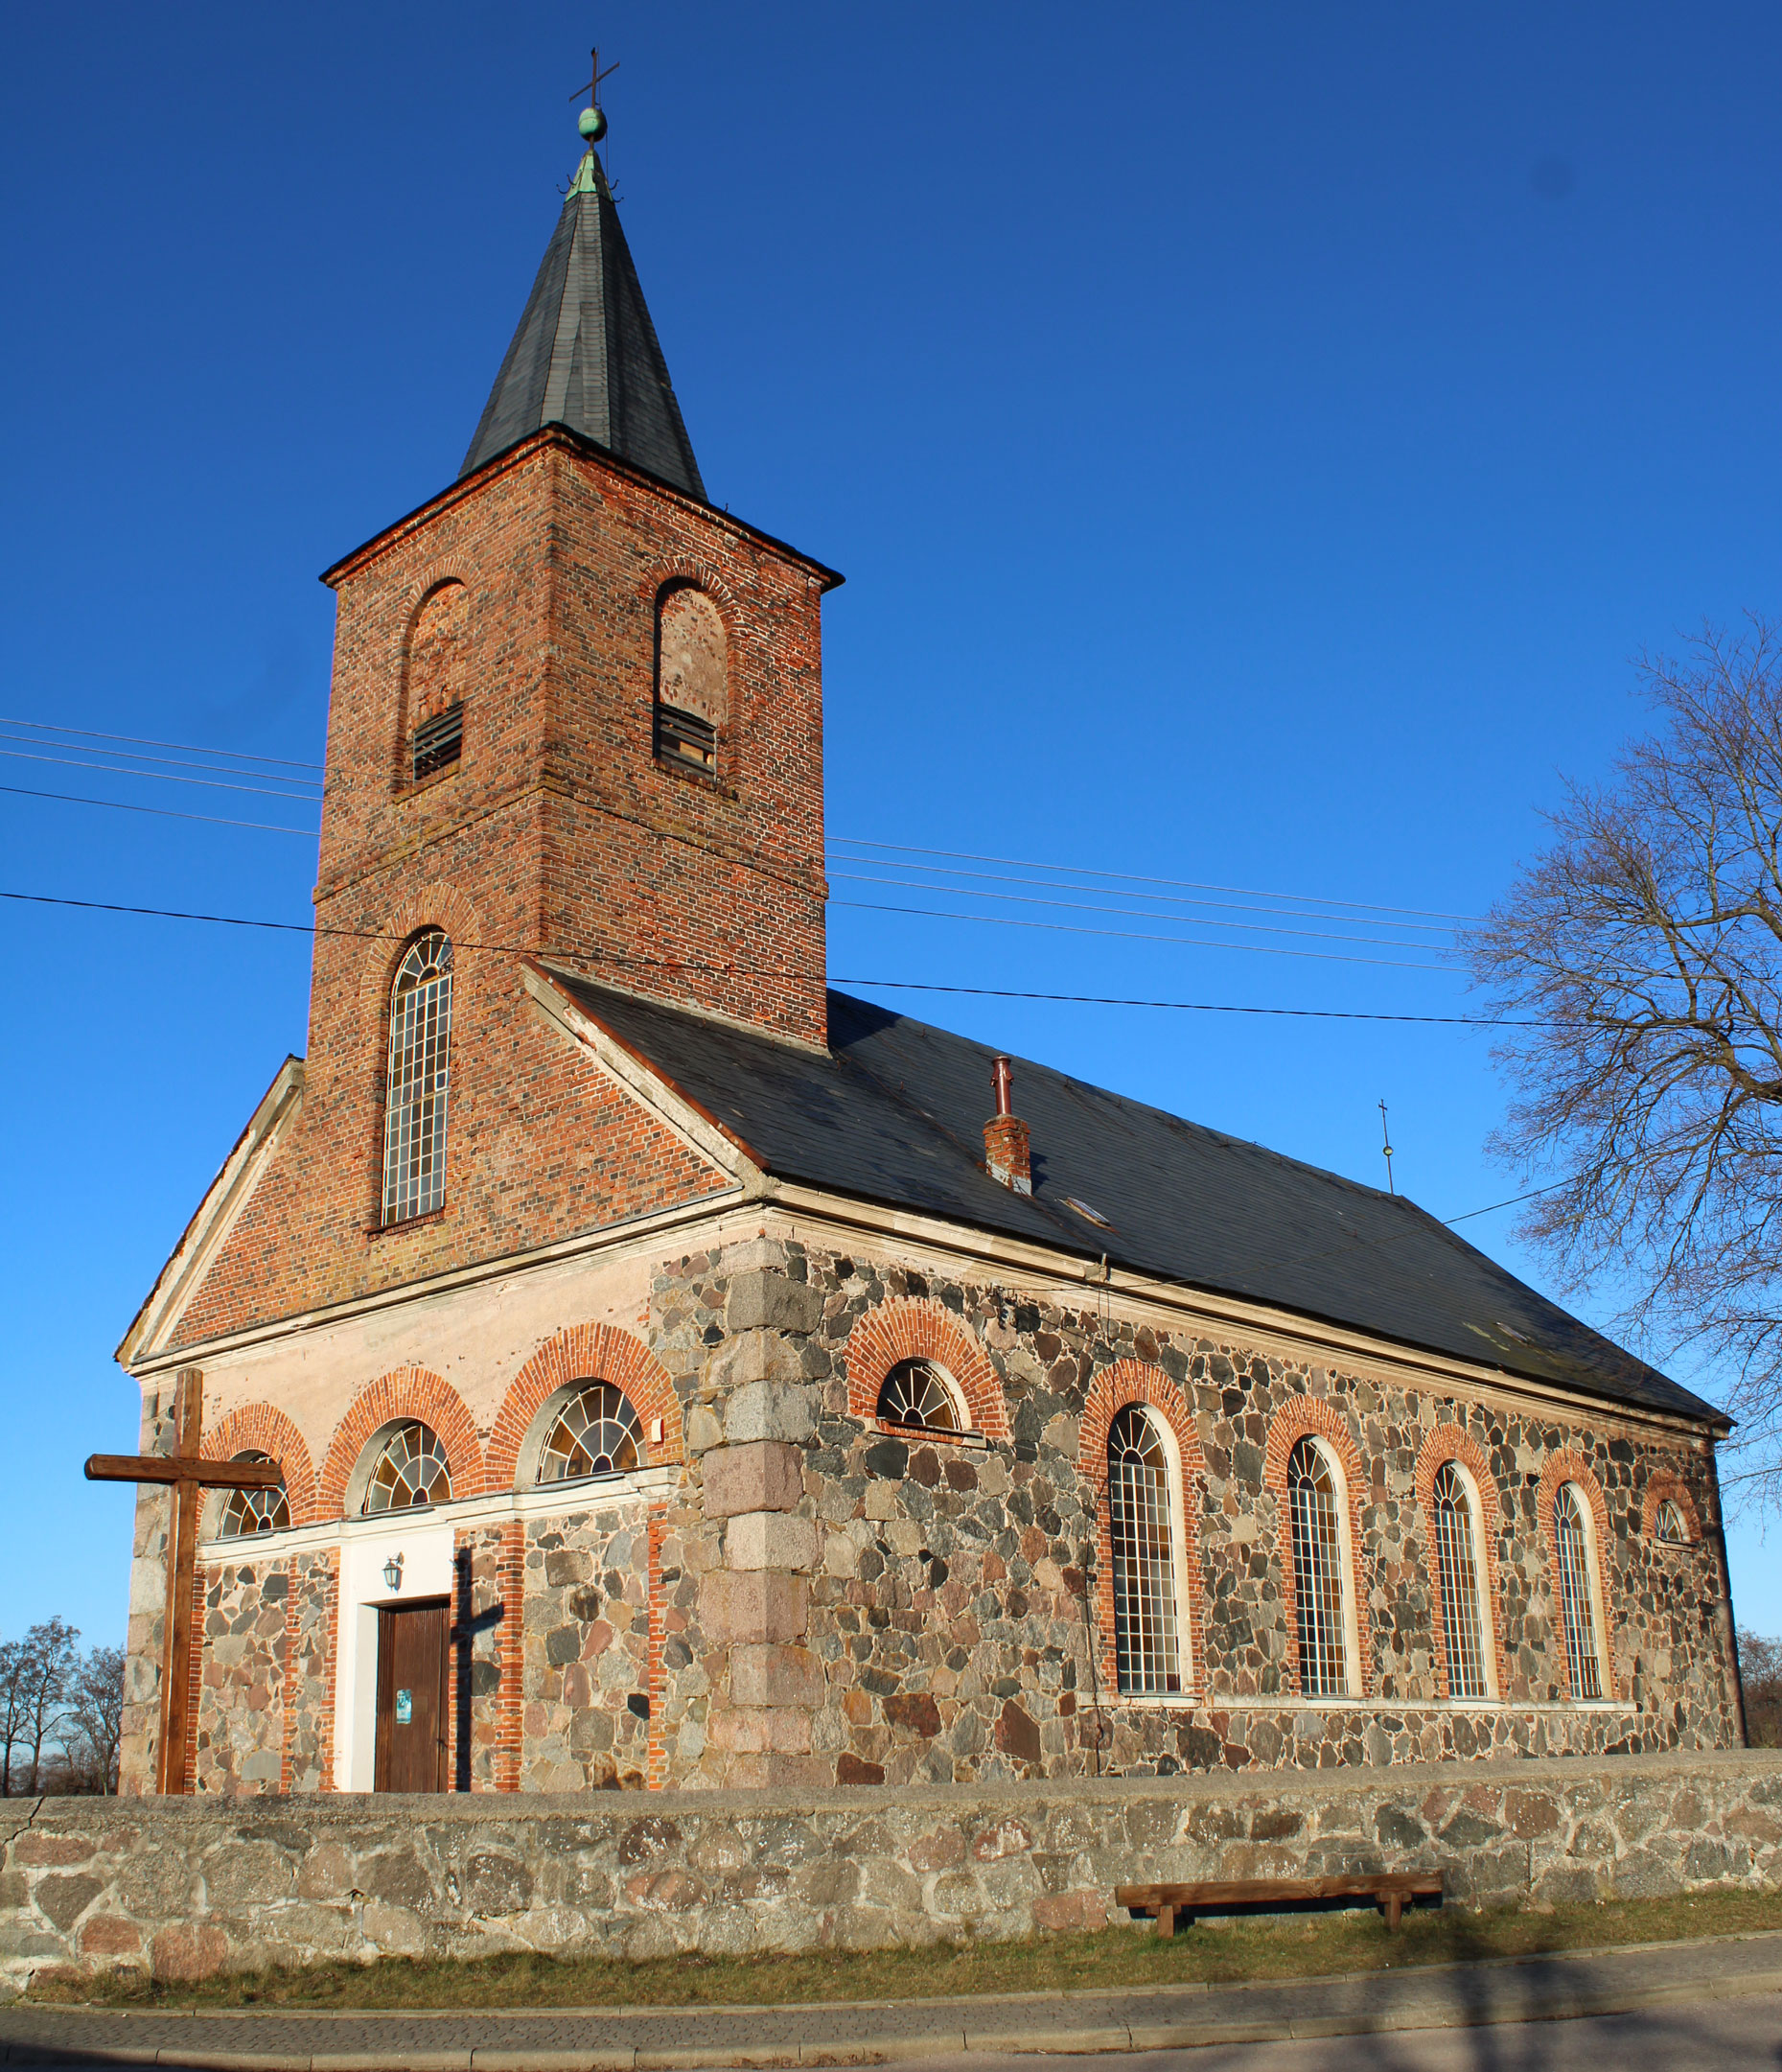 elewacja zachodnia kościoła